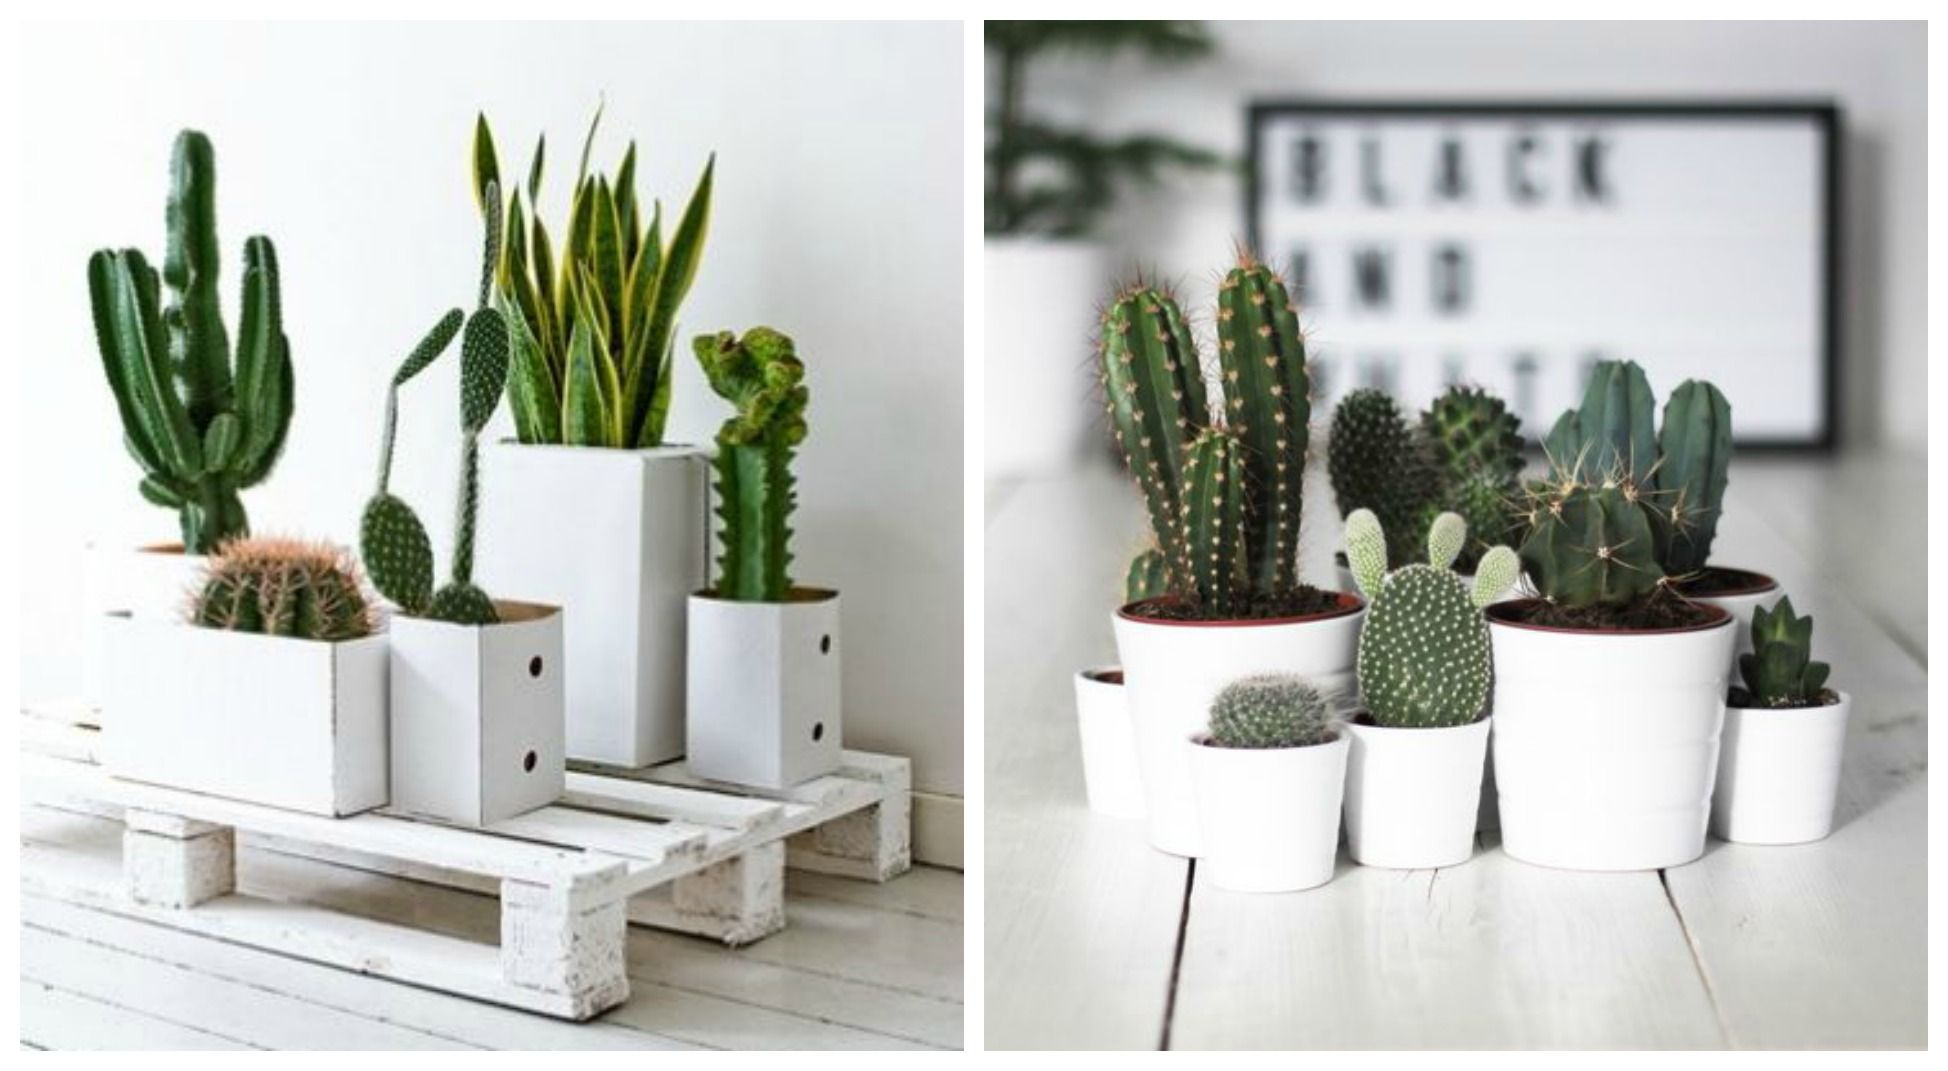 Piante Ufficio Ikea : Vasi con piante grasse careercounseling